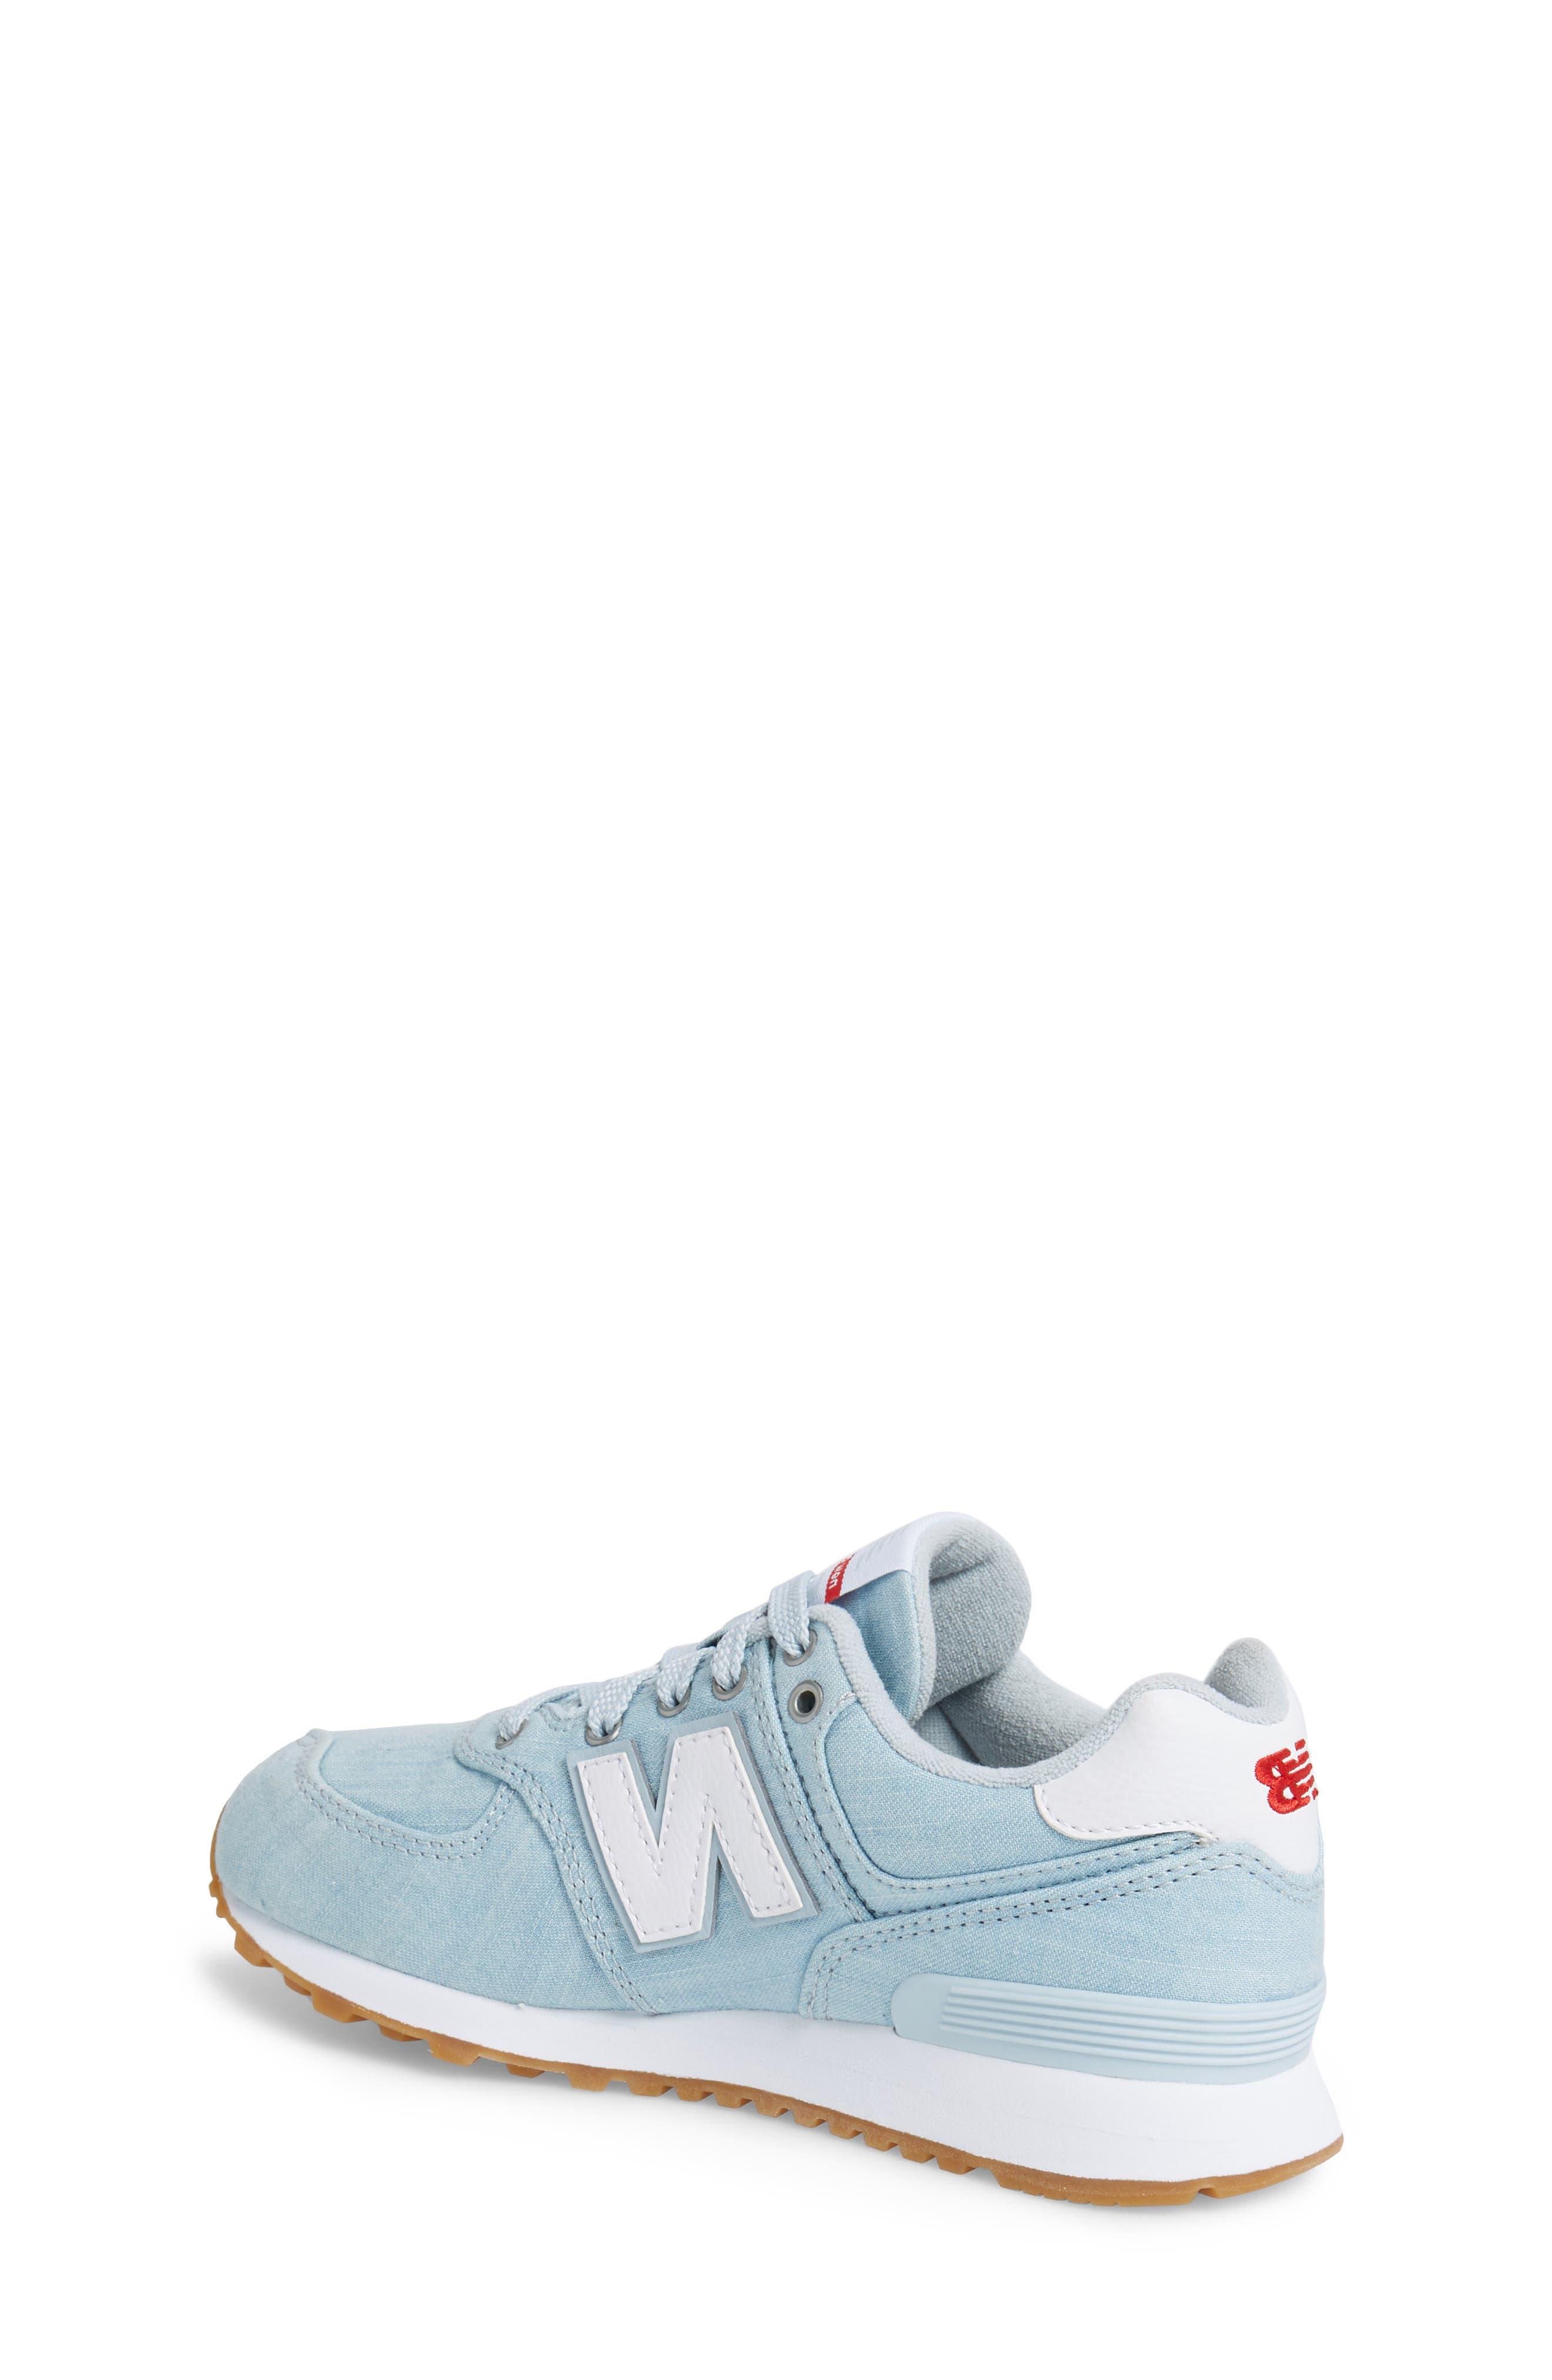 574v1 Sneaker,                             Alternate thumbnail 2, color,                             419